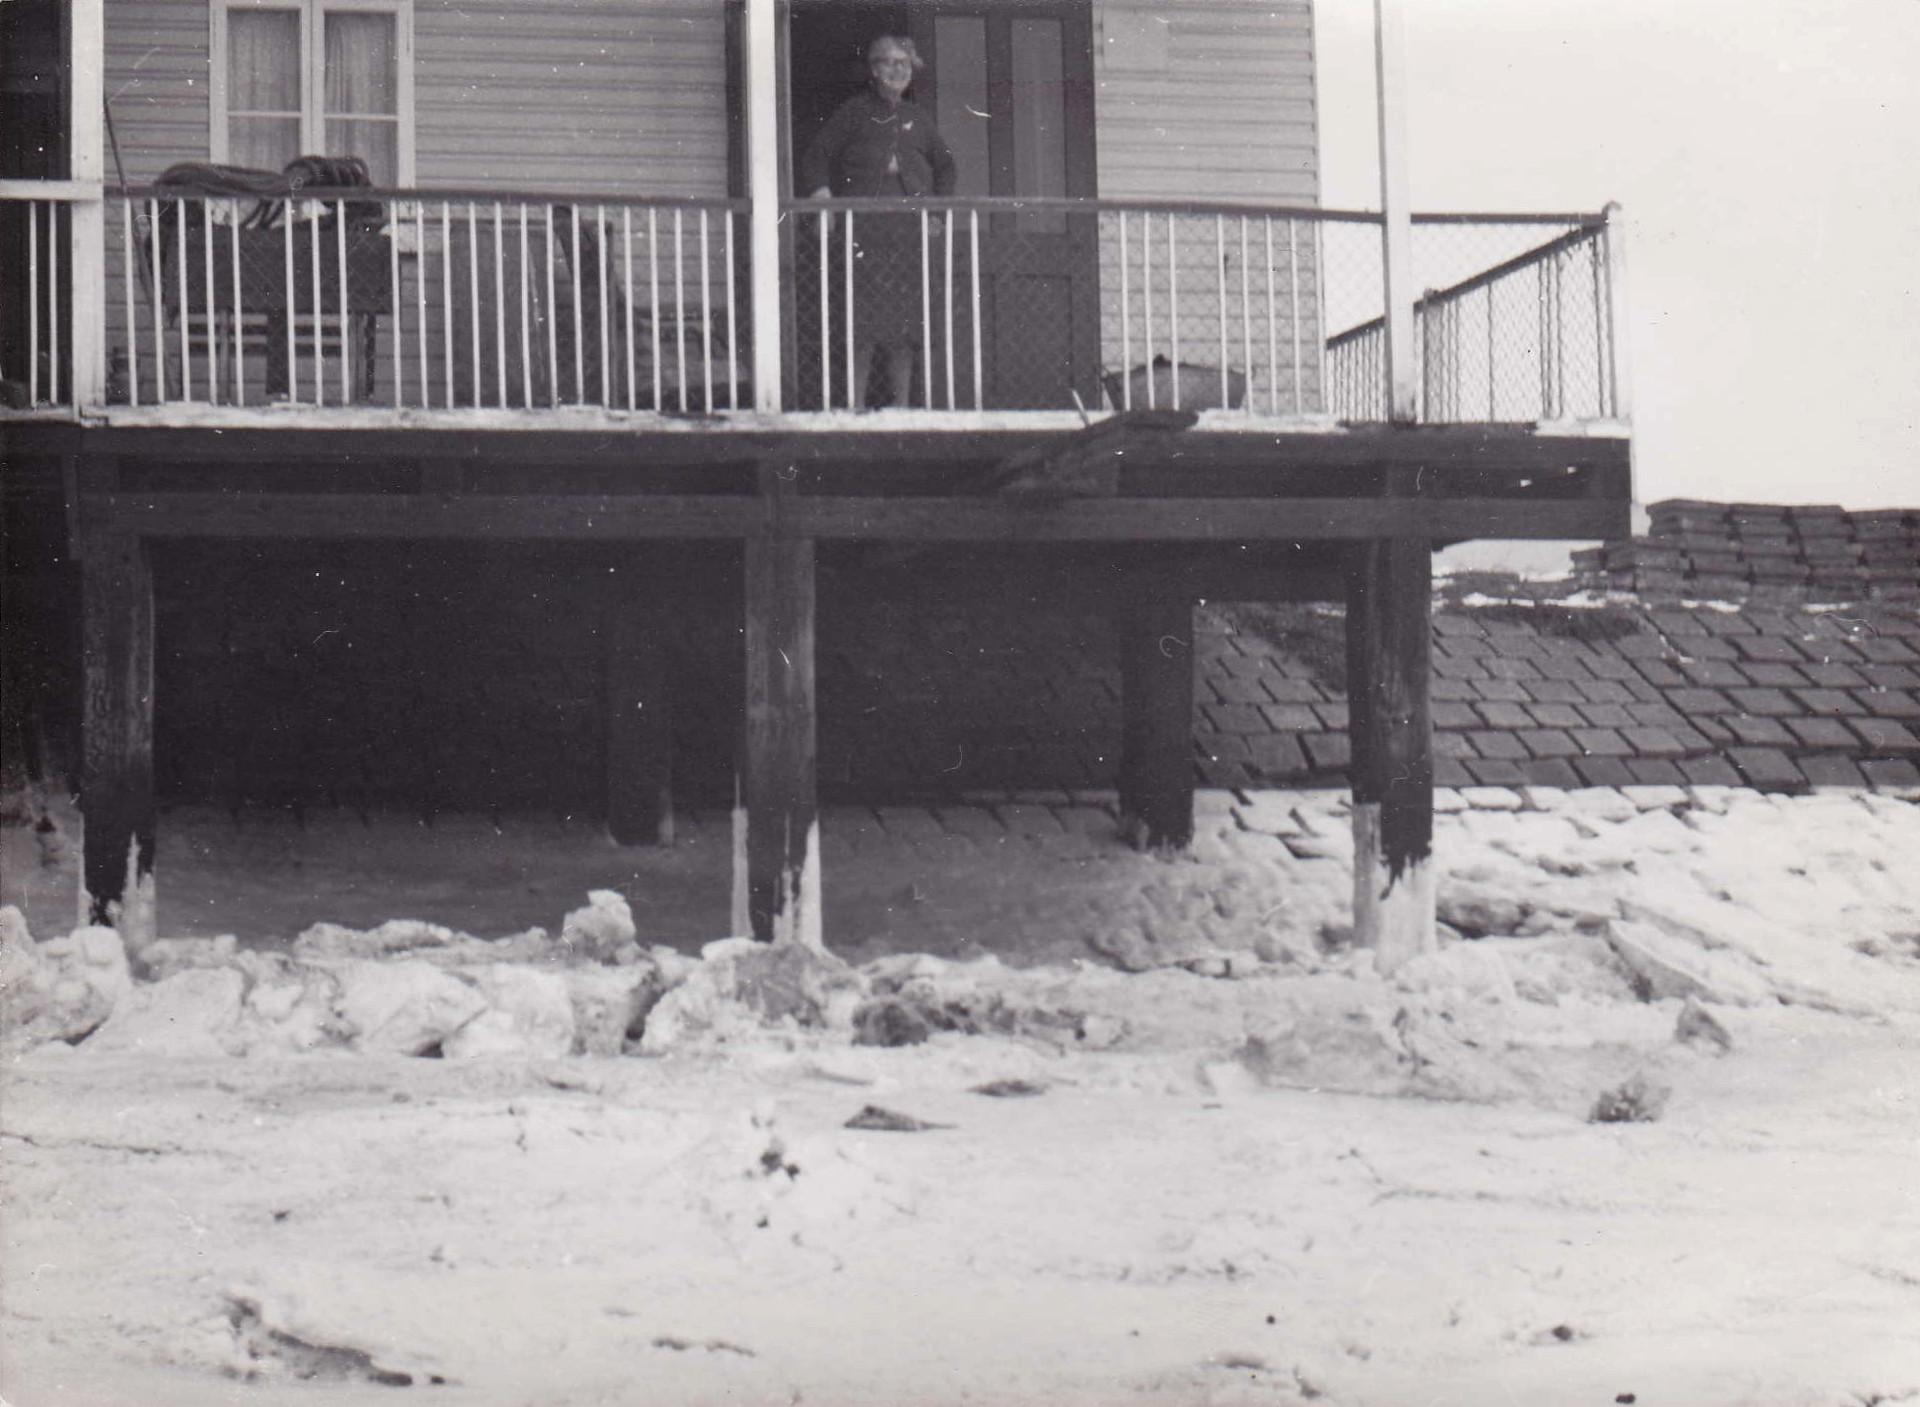 Lucy Kemp, Millbeach, winter 1962-3.